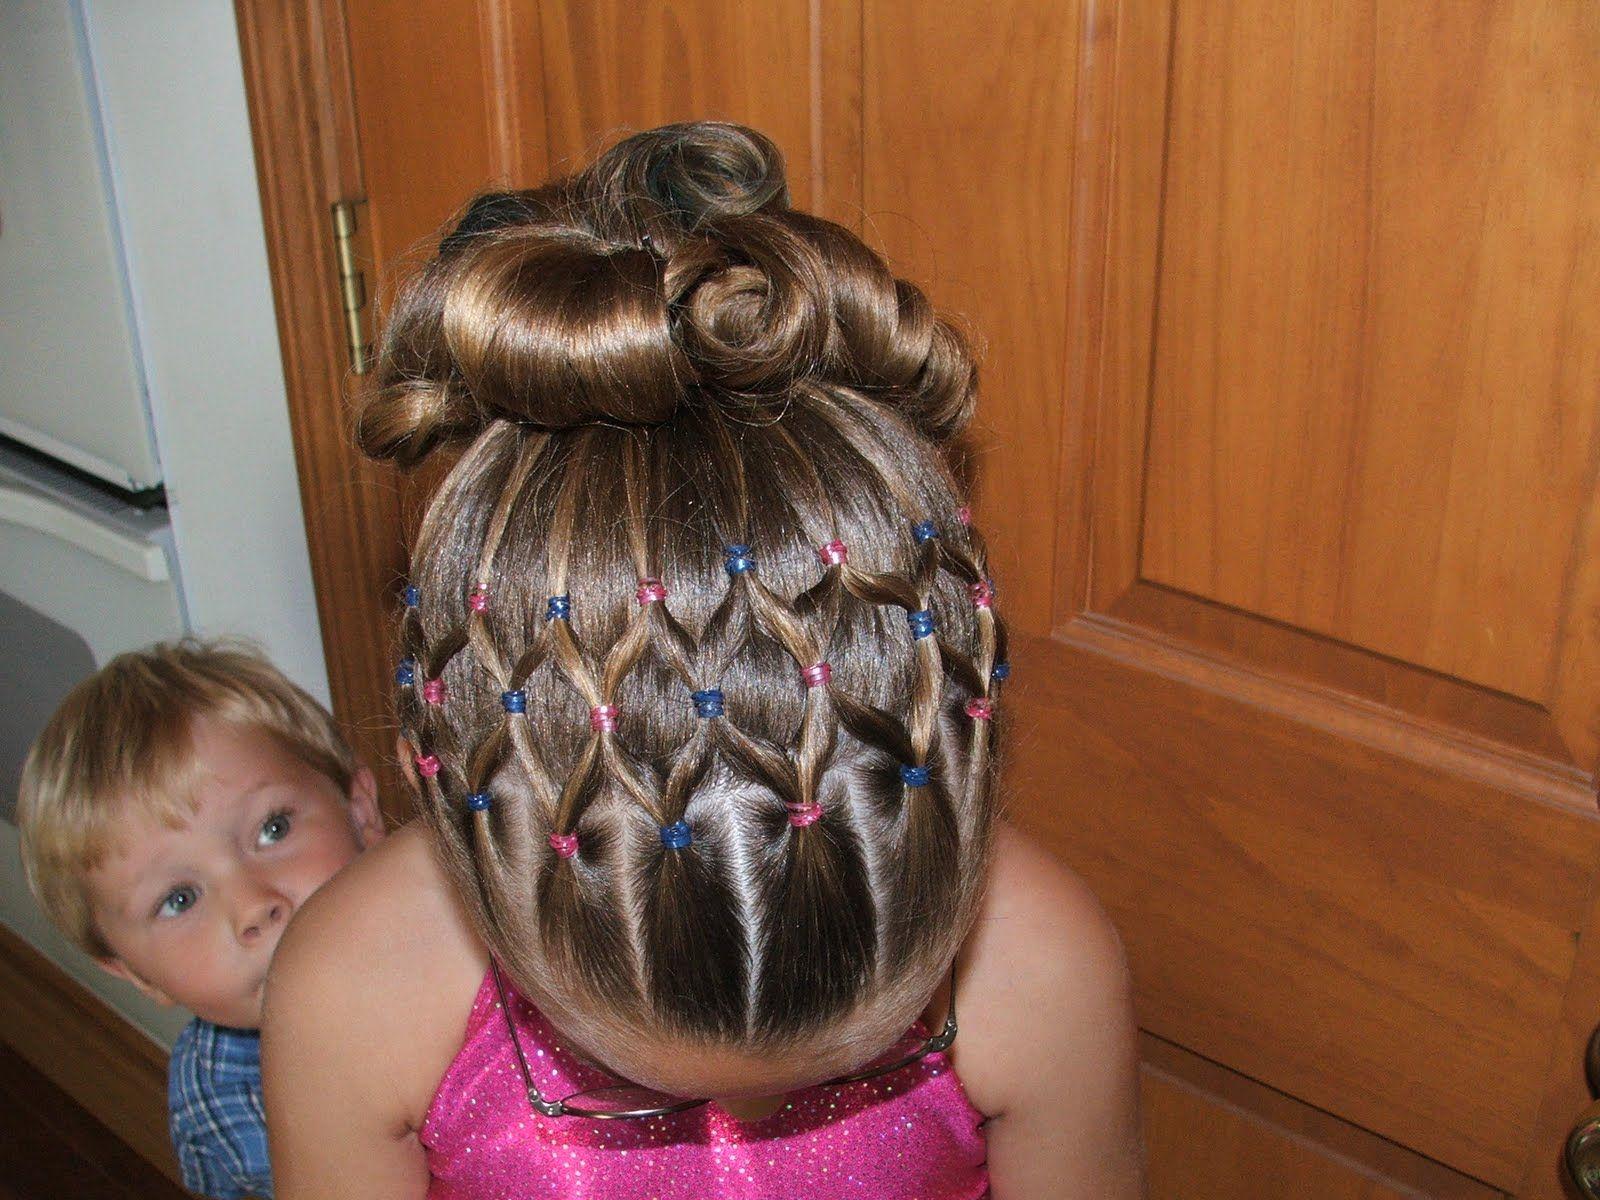 gymnastics competition hair http://instagram/sparklysodastyle